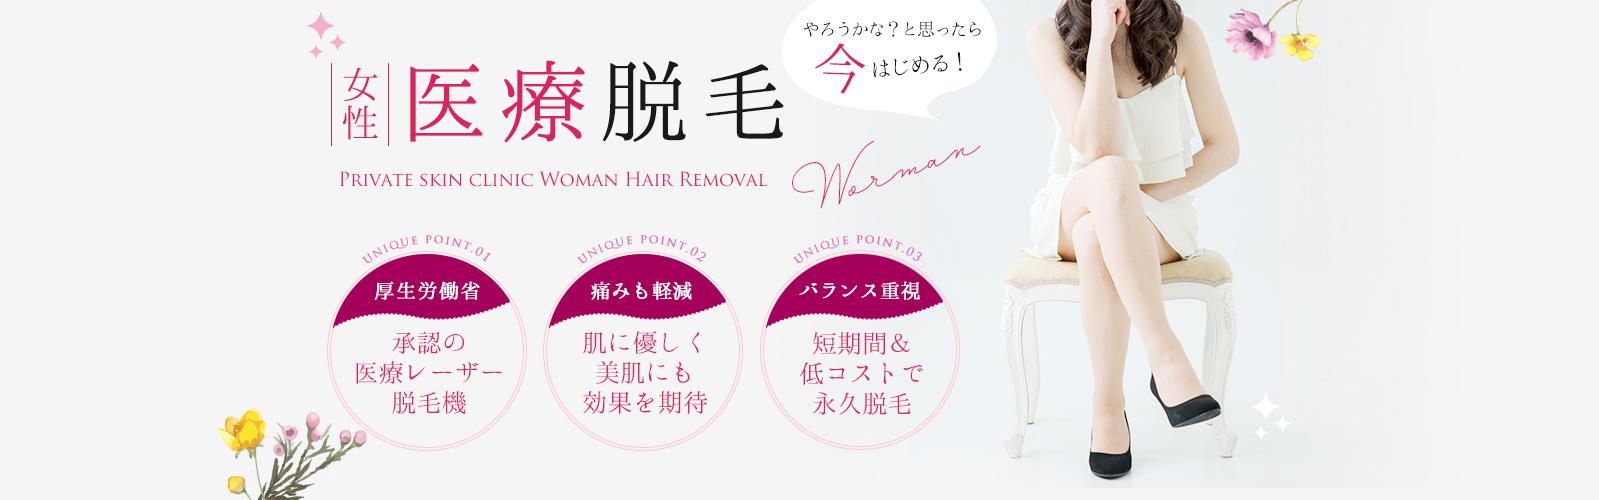 医療脱毛 大阪ならPSCがおすすめ!厚生労働省承認の医療レーザー脱毛機を使用。肌にも優しく痛みも軽減、期間とコストのバランス重視